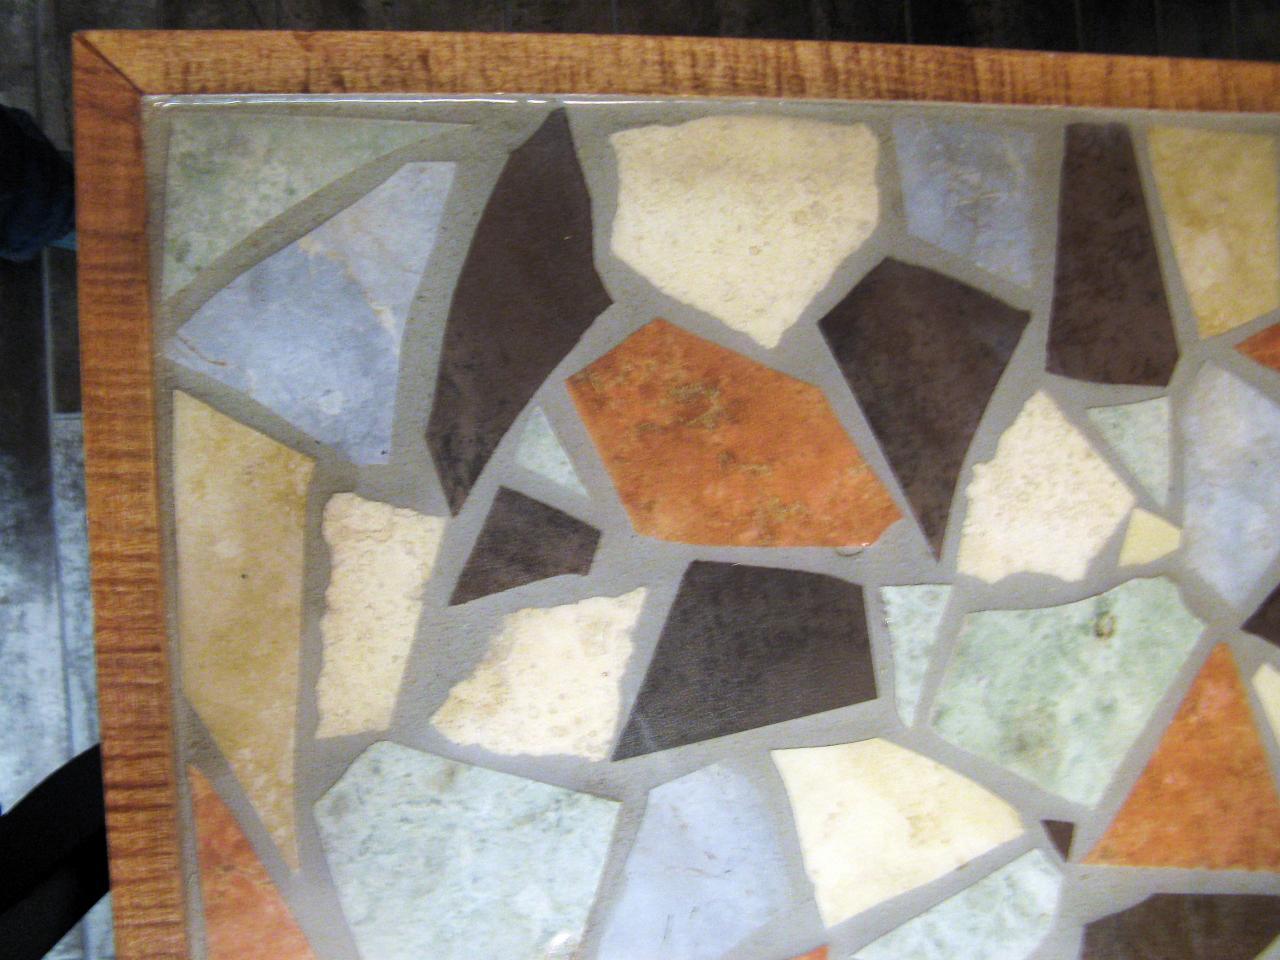 Столешница из остатков керамогранитной плитки